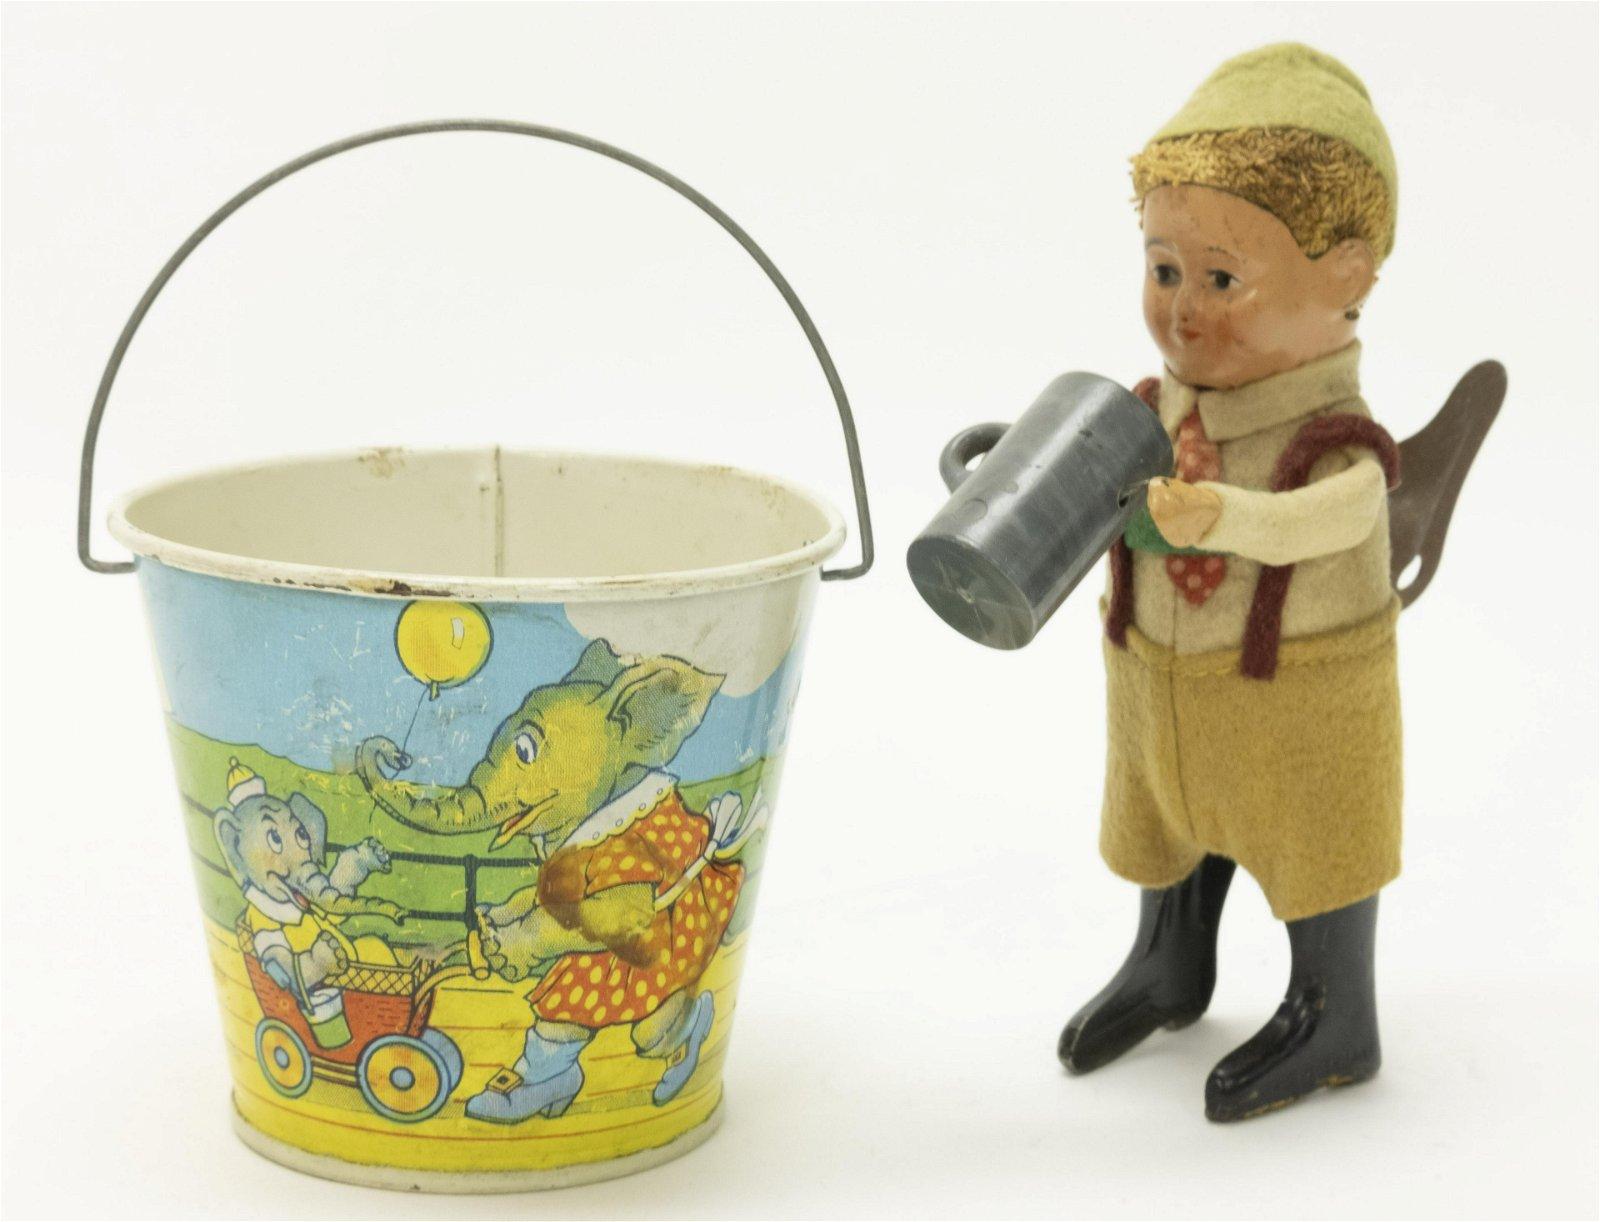 Sand Pail & Schuco Figure Toys